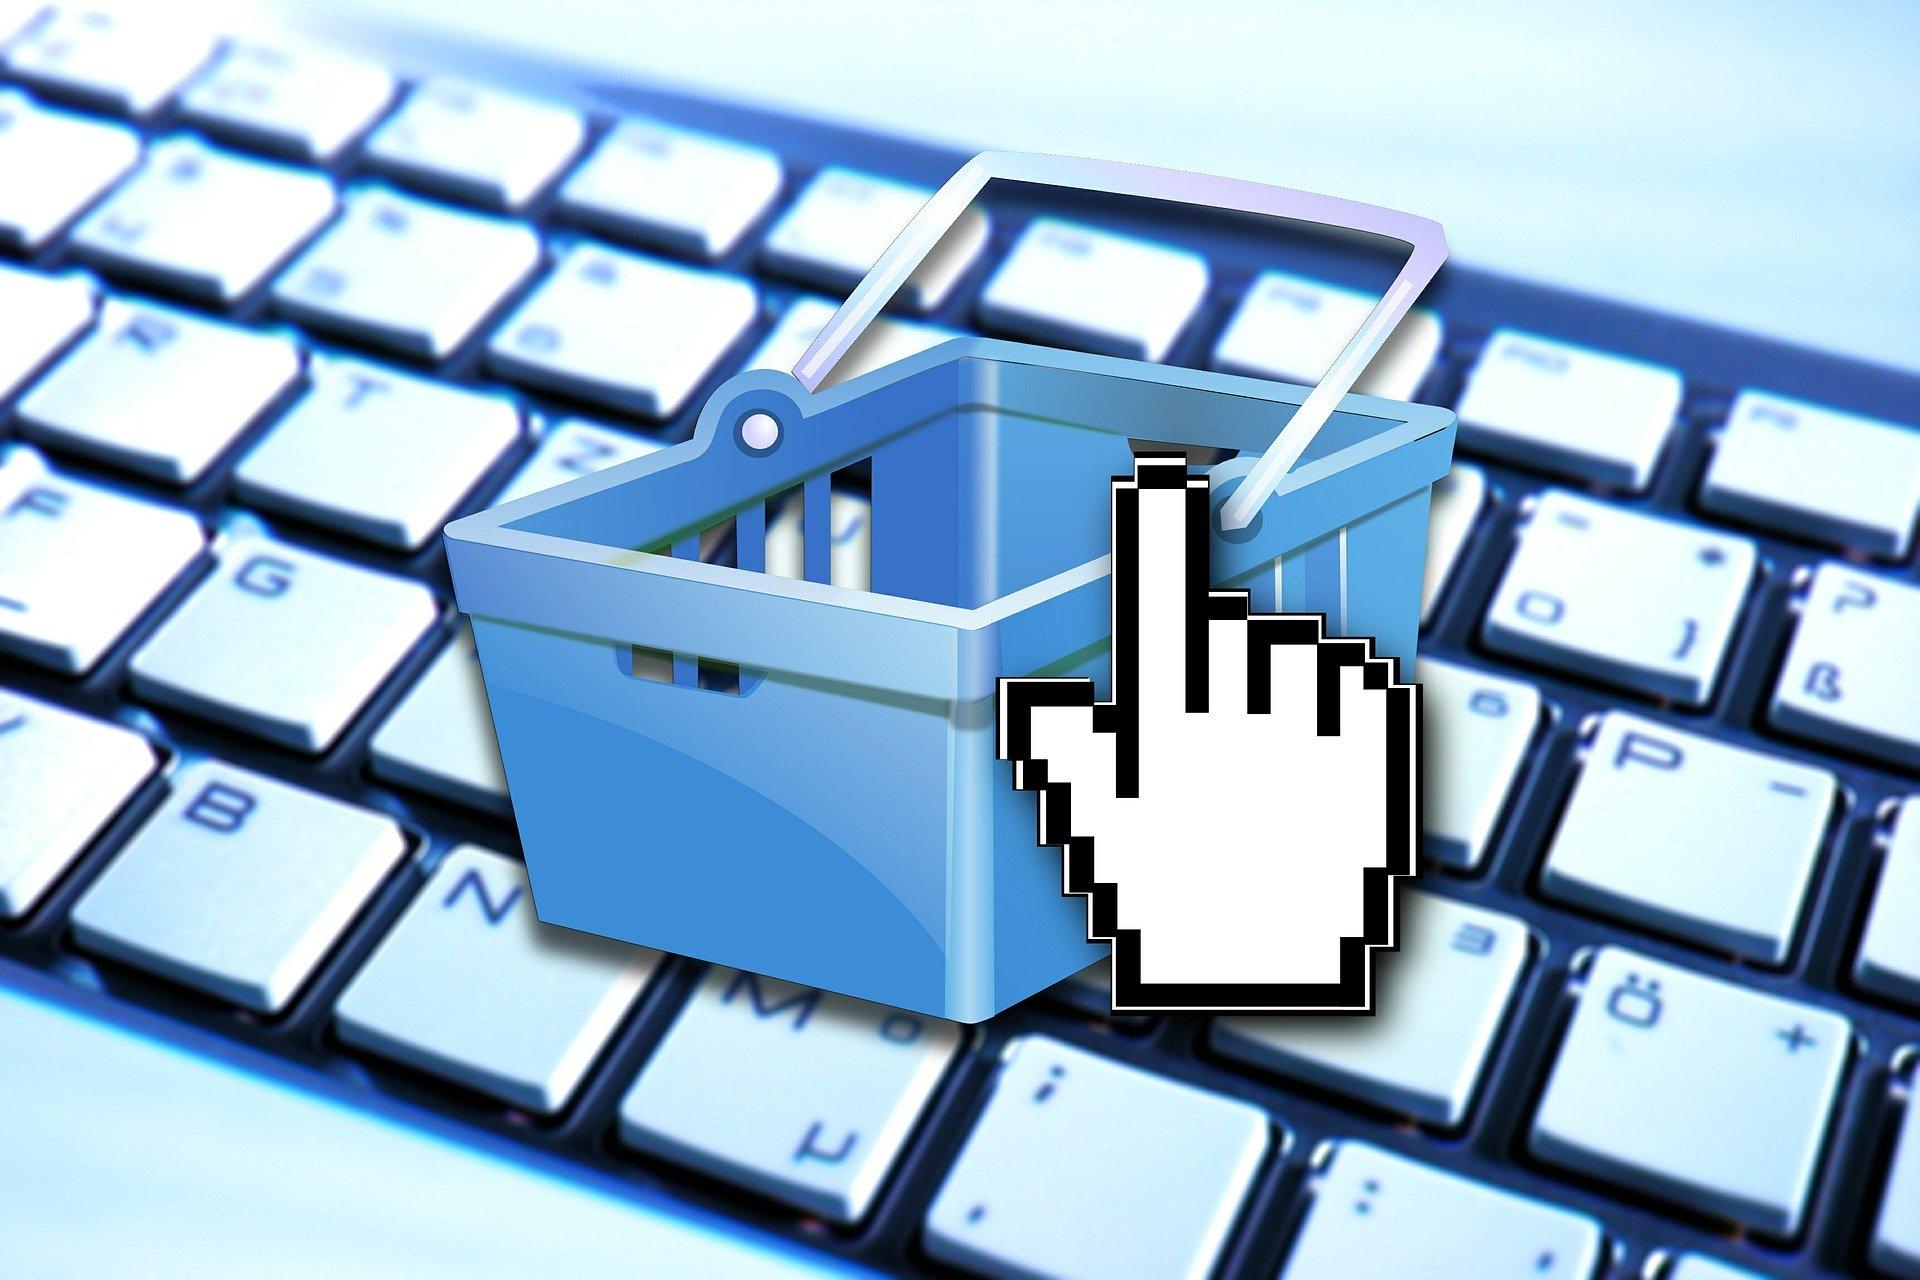 Grafik eines Einkaufskorbes und eines Mousecursers über einer Tastatur als Hinweis auf Online-Shopping Quelle Pixabay